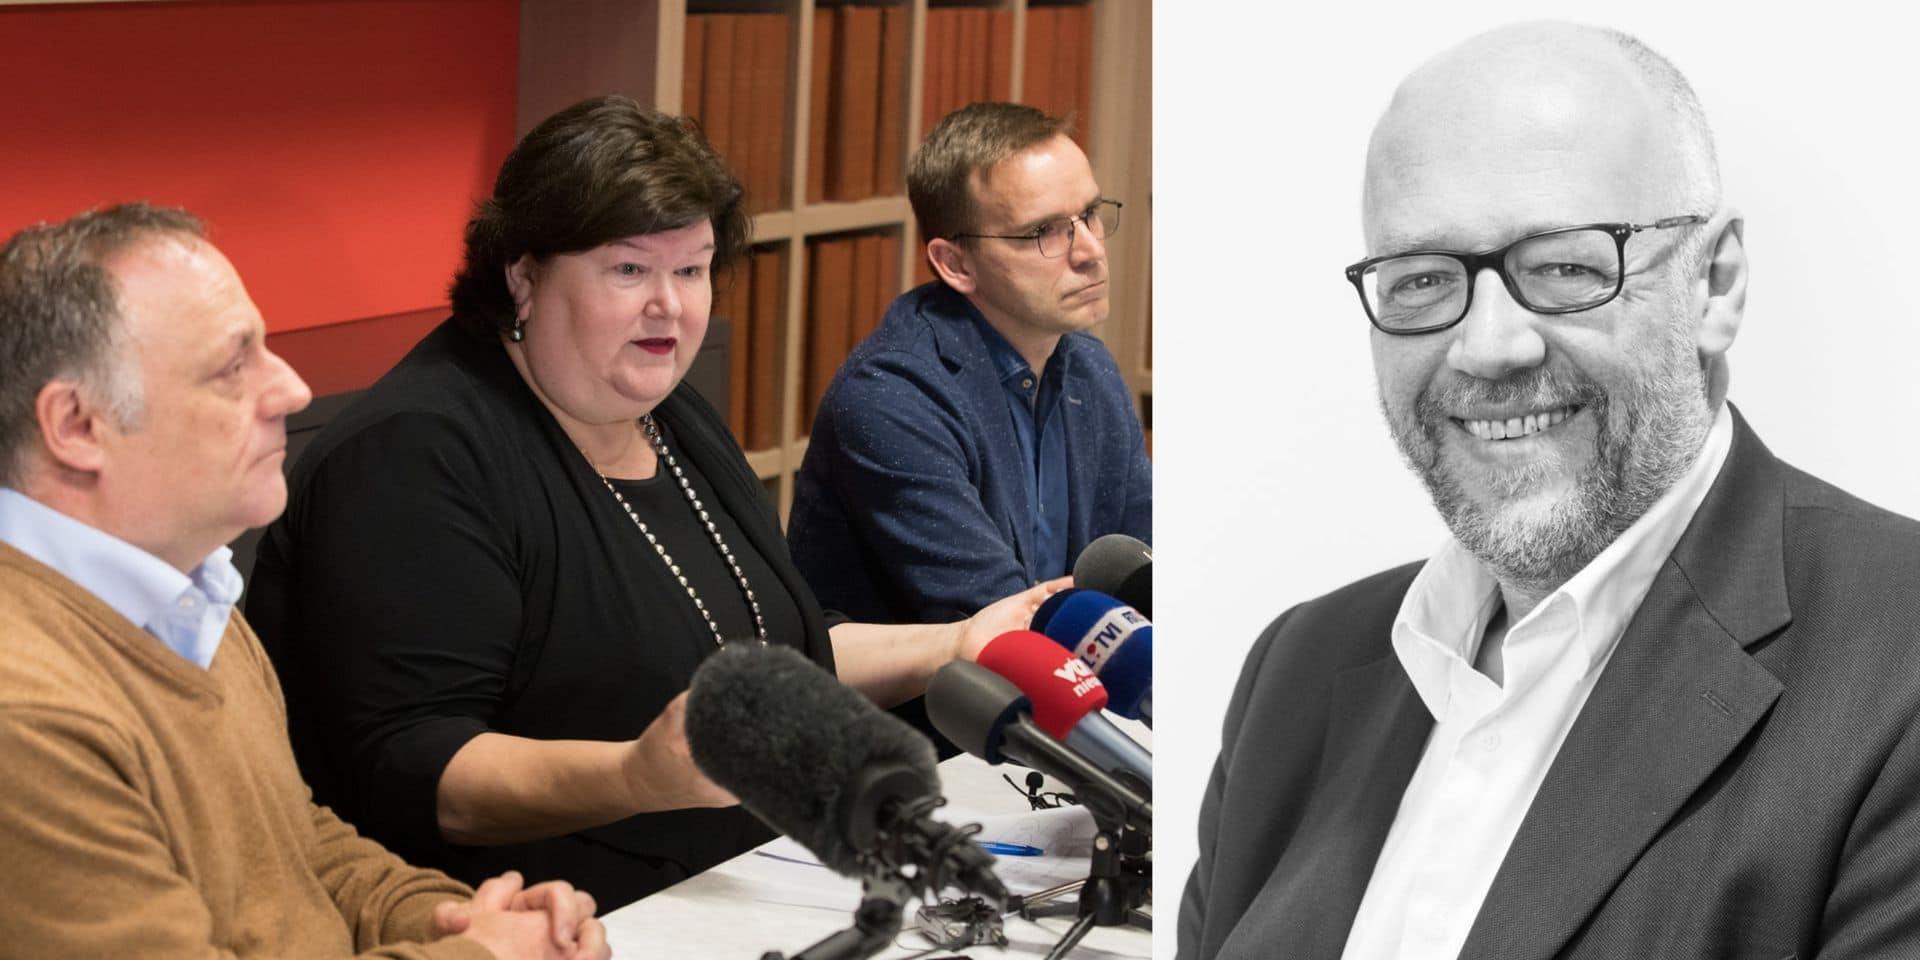 """Les autorités belges face à la crise du coronavirus: """"Une sur-communication qui participe à la panique collective"""""""